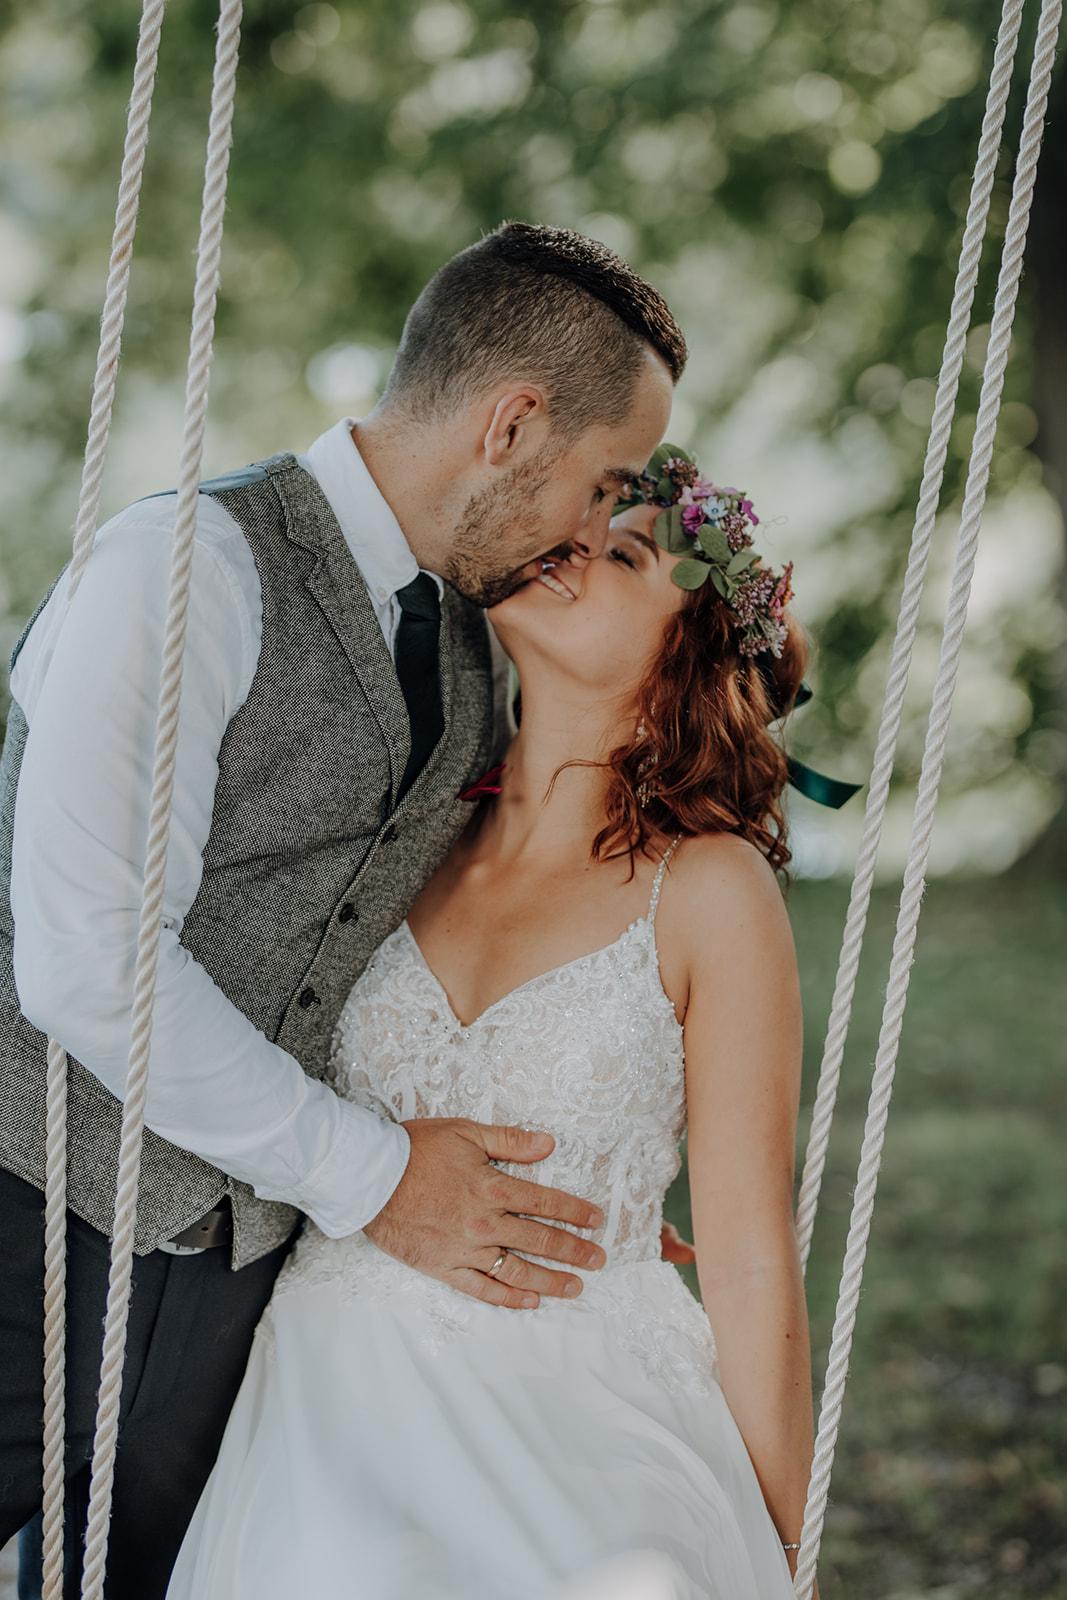 Brautpaar küsst sich auf Schaukel